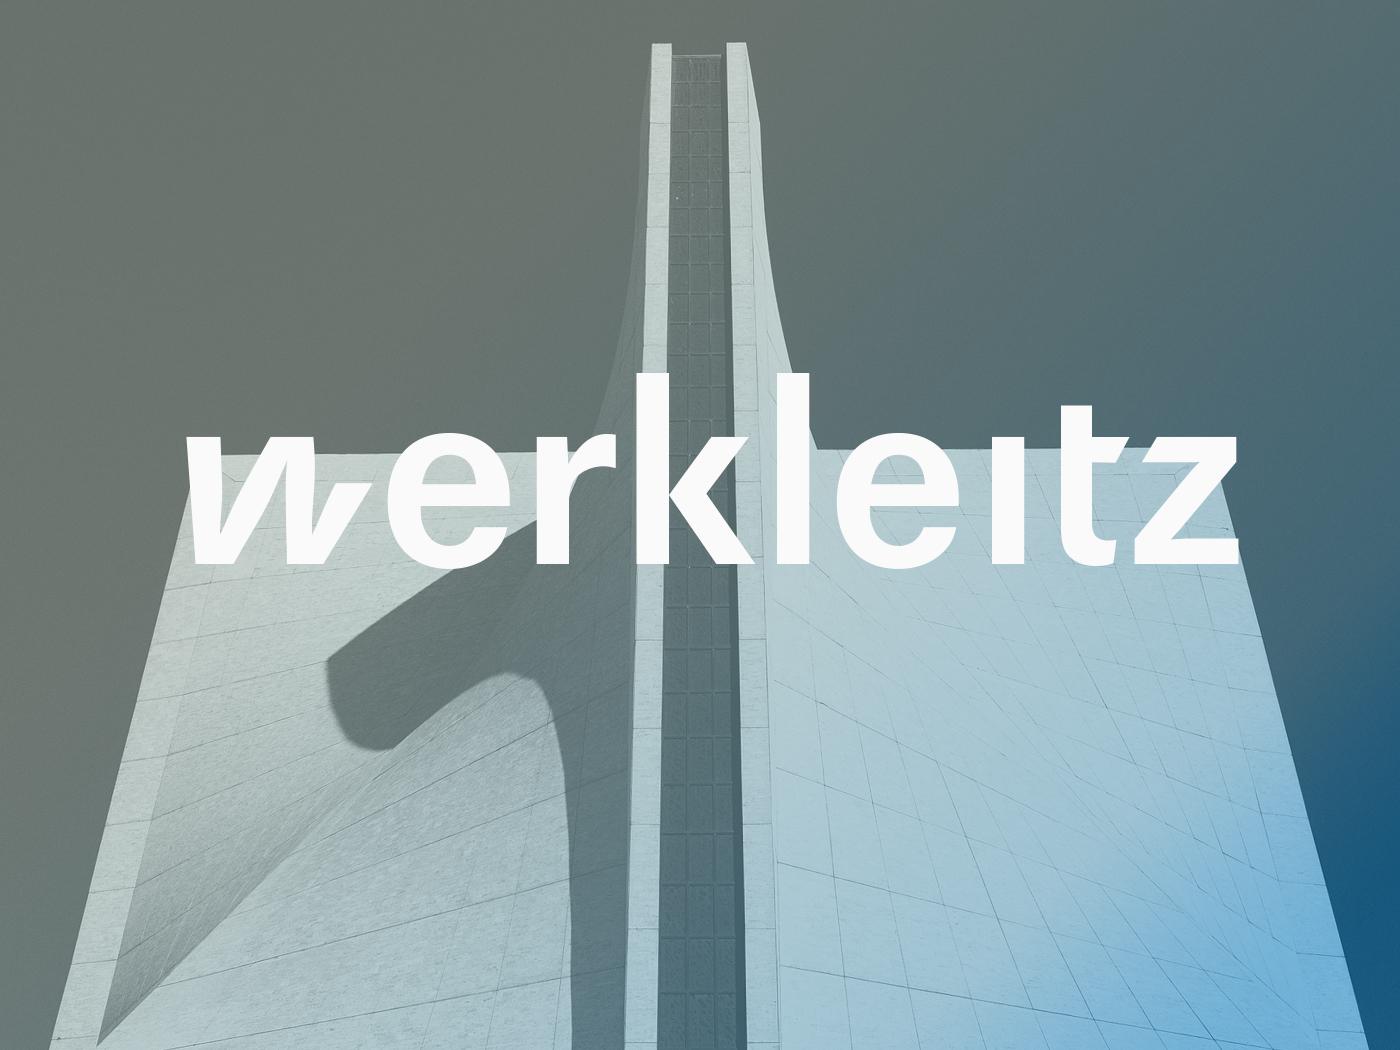 werkleitz_Logo_Marcel-Lunkwitz